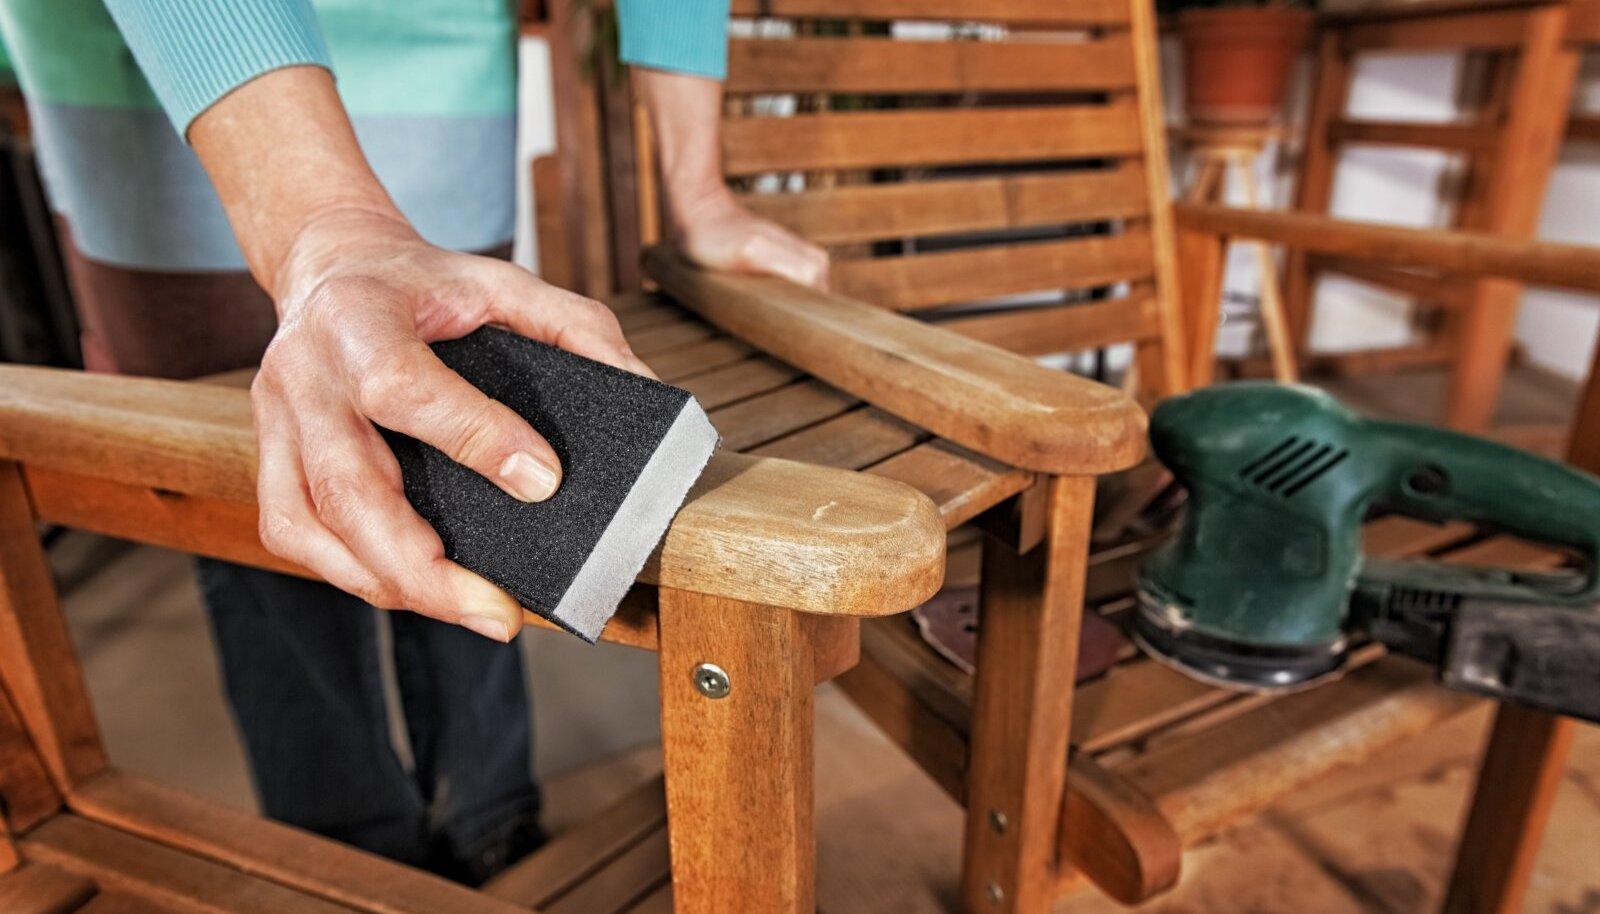 Kui mööblil on enne õlitamist hallitust või puidukahjustusi, lihvige see liivapaberiga üle.